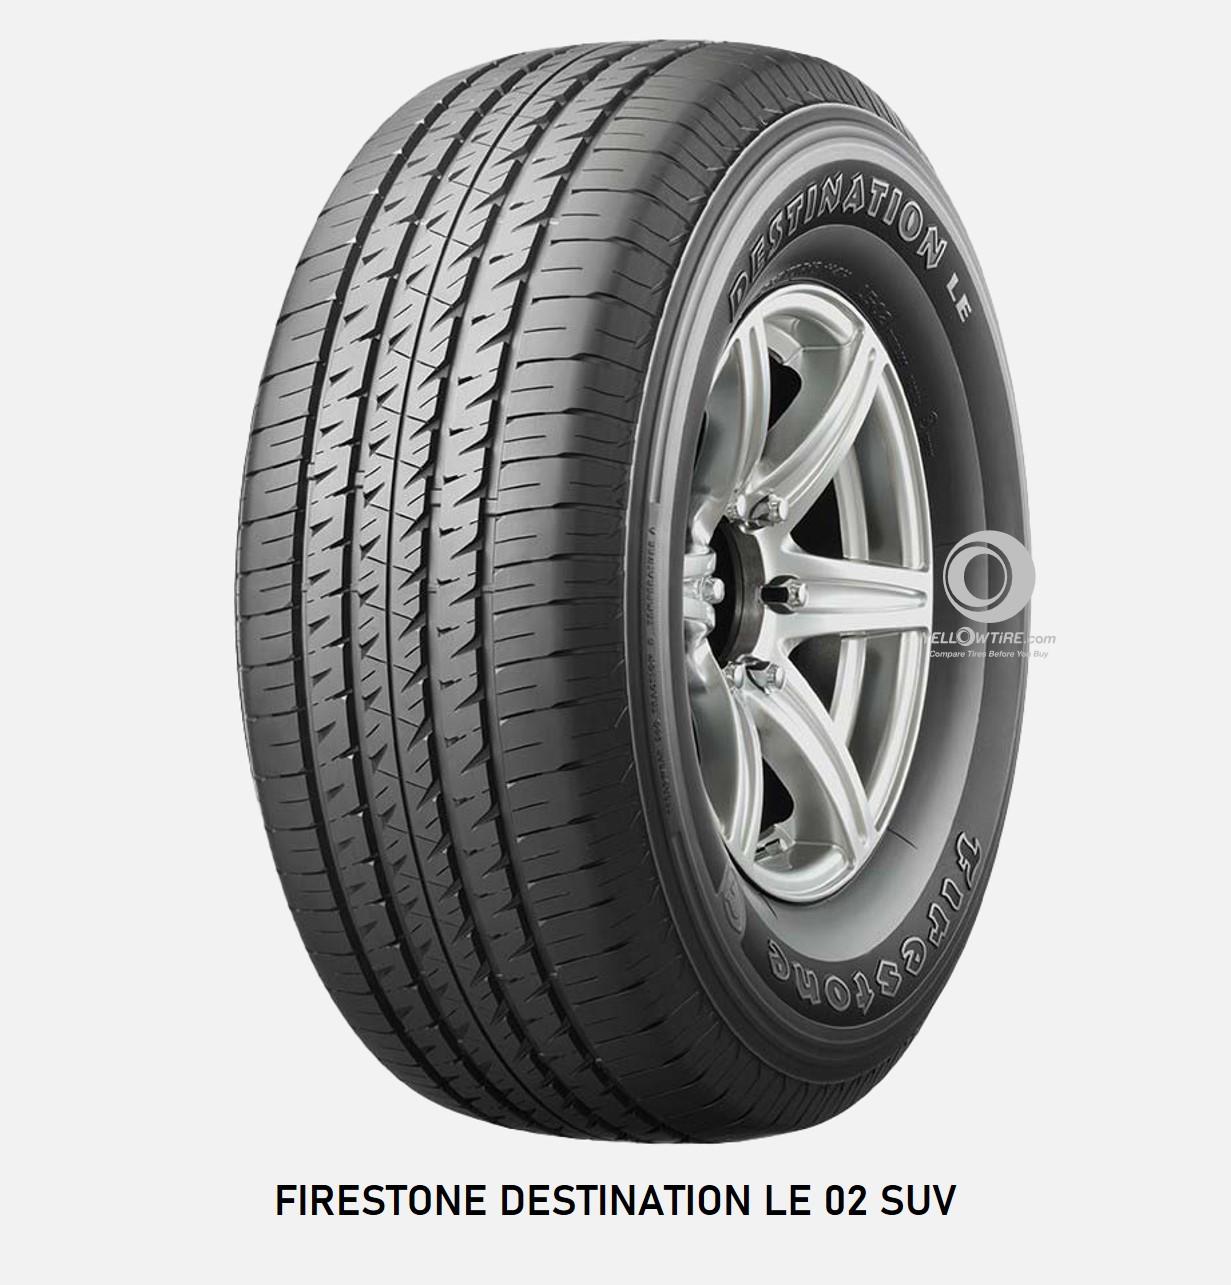 FIRESTONE DESTINATION LE 02 SUV